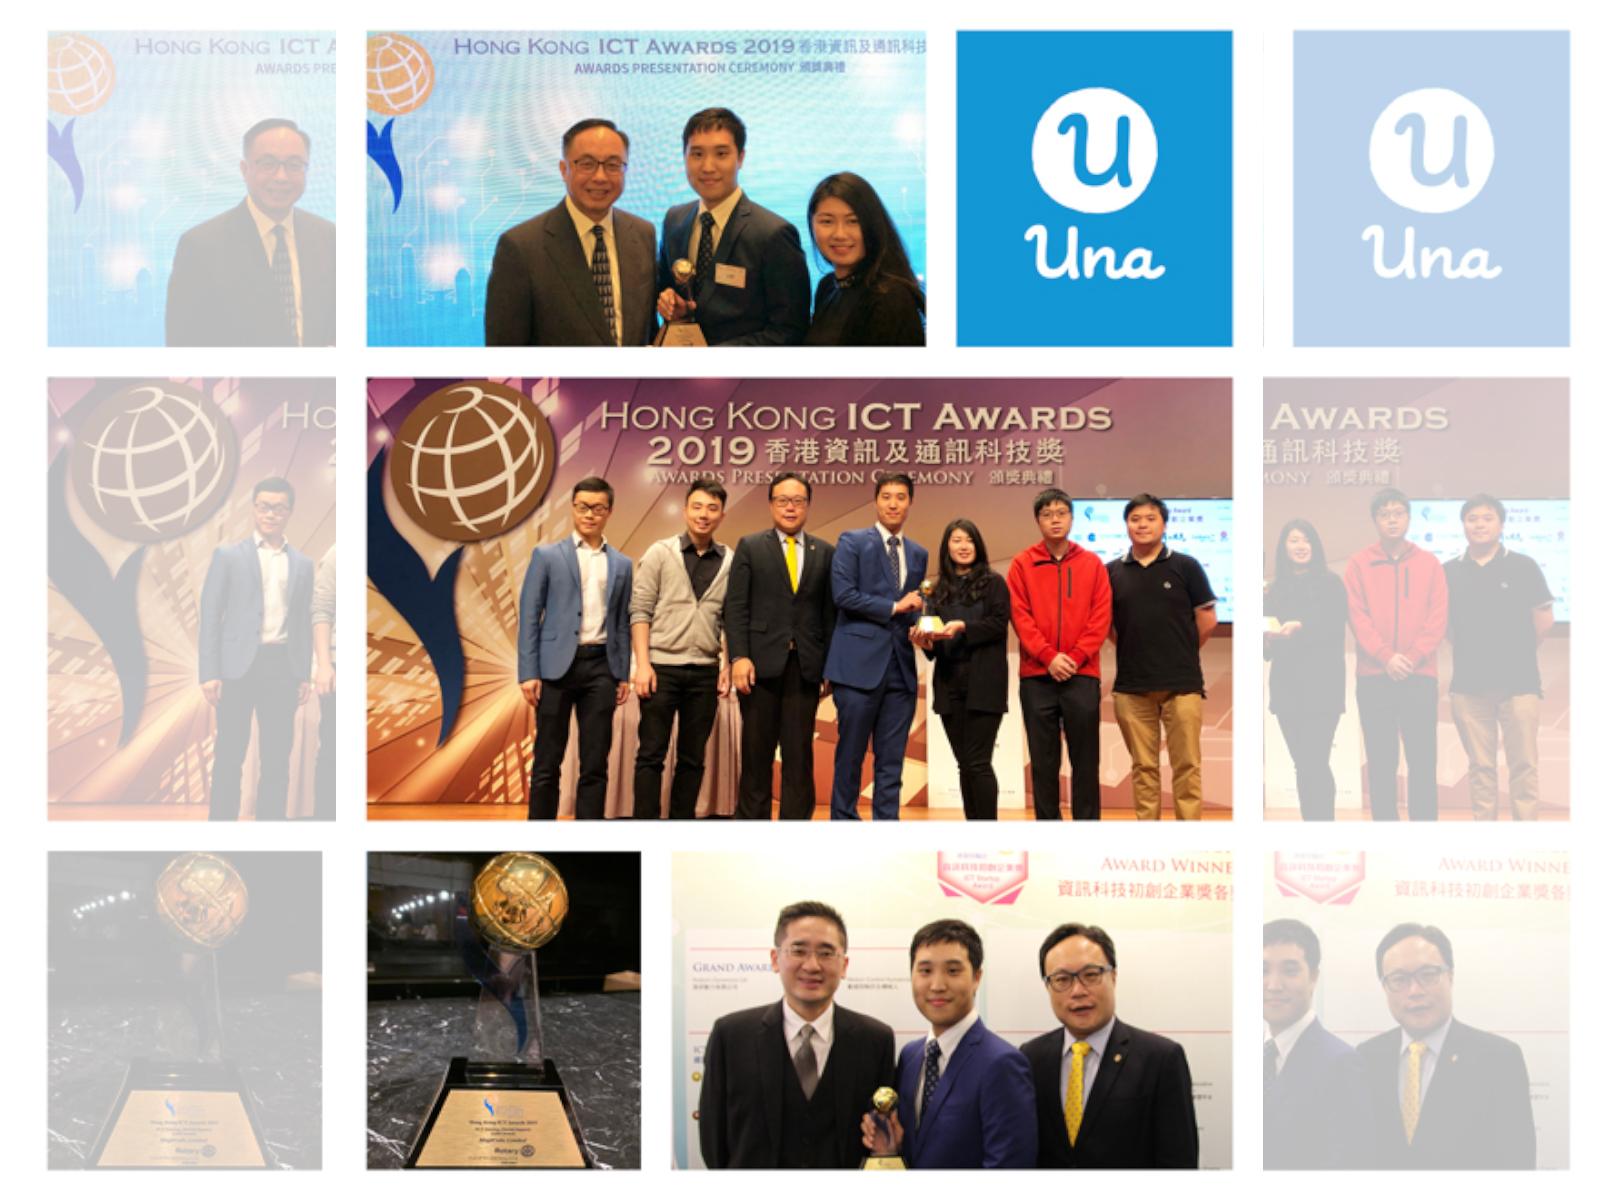 Receiving the Gold Award at The Hong Kong ICT Awards 2019 2